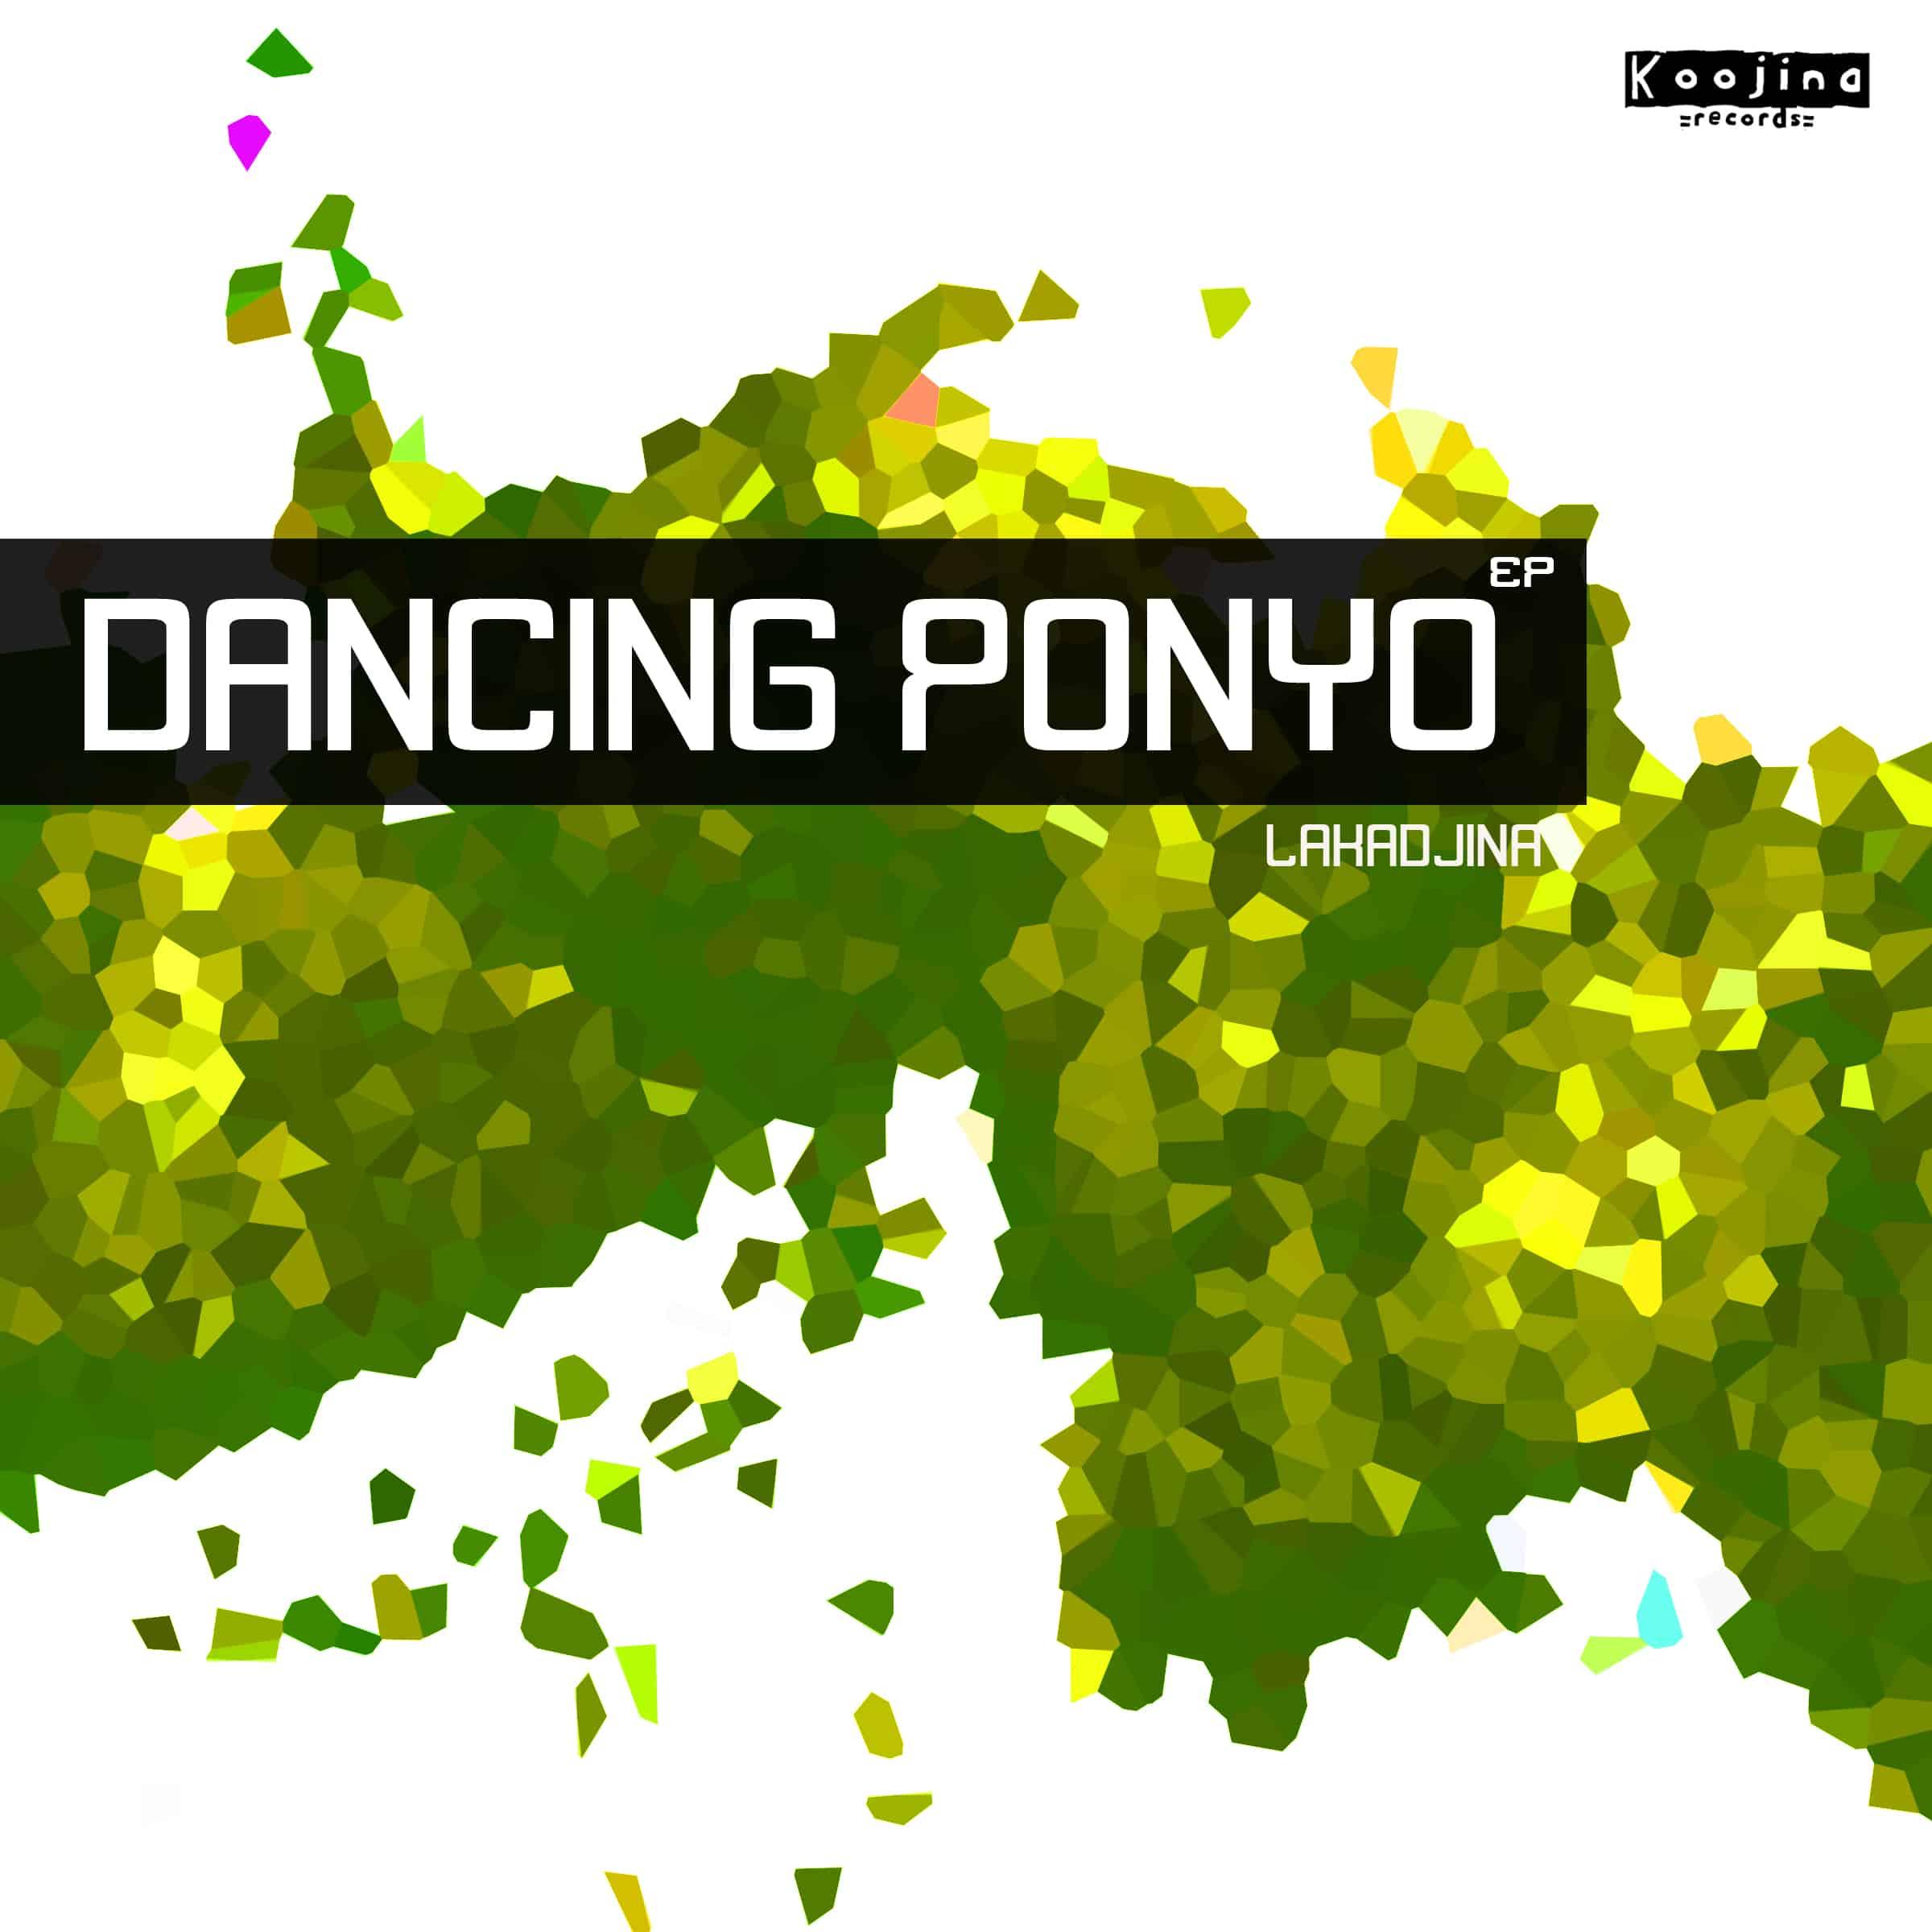 Lakadjina - Dancing Ponyo